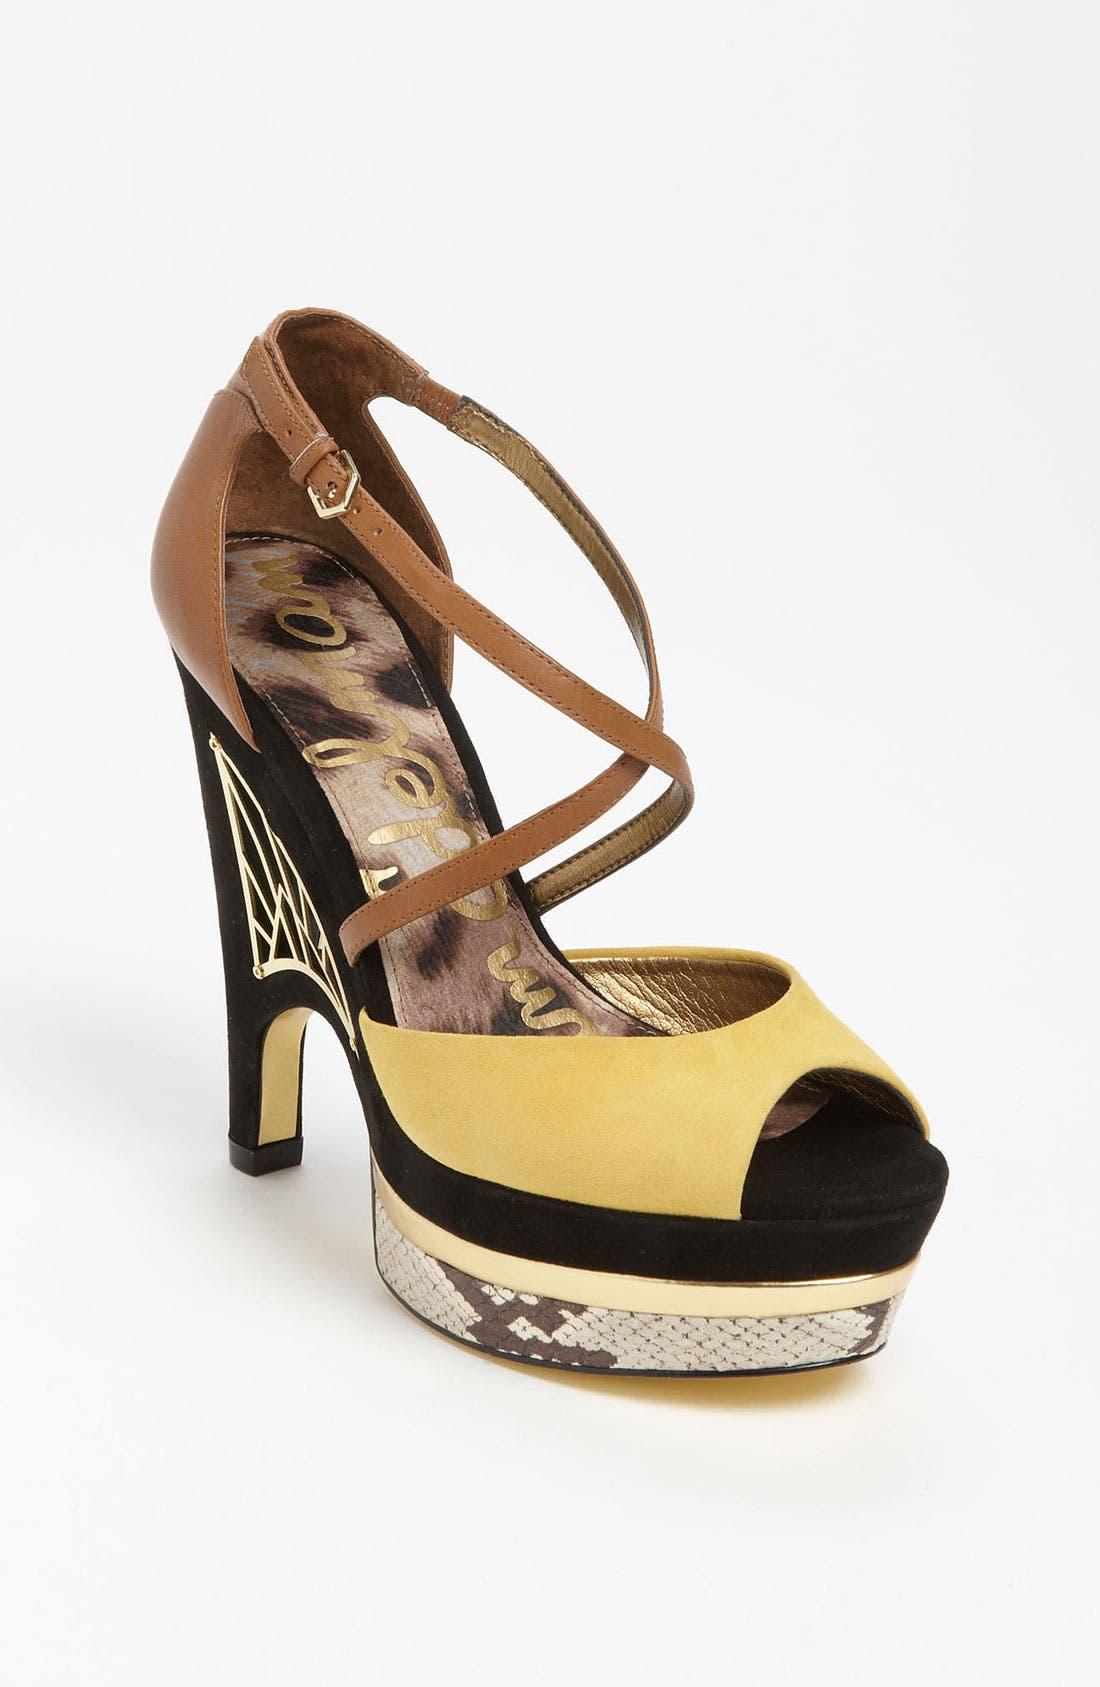 Main Image - Sam Edelman 'Tegan' Sandal